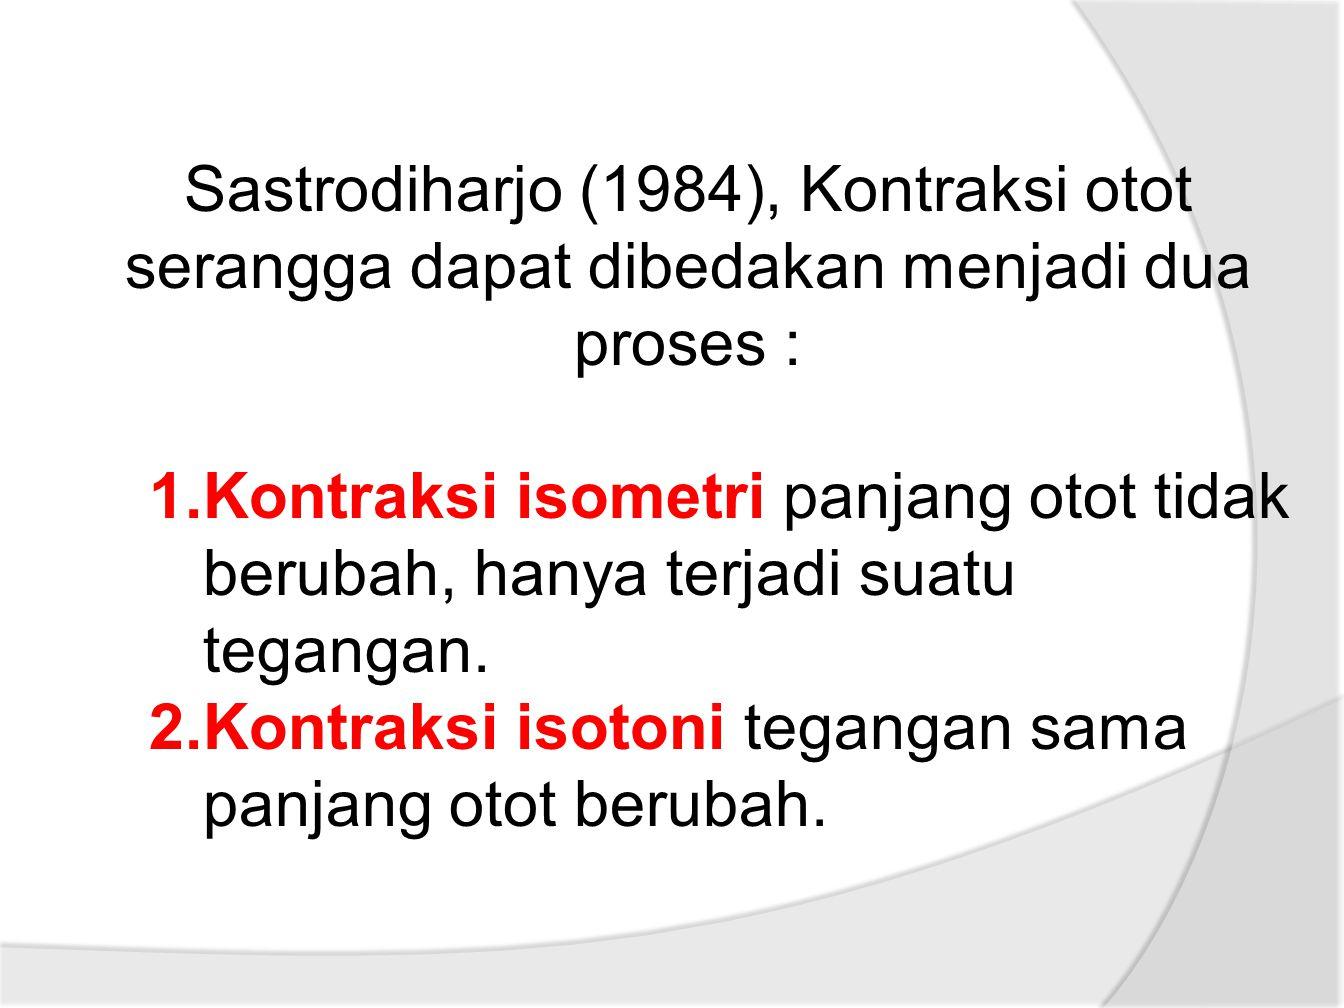 Sastrodiharjo (1984), Kontraksi otot serangga dapat dibedakan menjadi dua proses : 1.Kontraksi isometri panjang otot tidak berubah, hanya terjadi suatu tegangan.